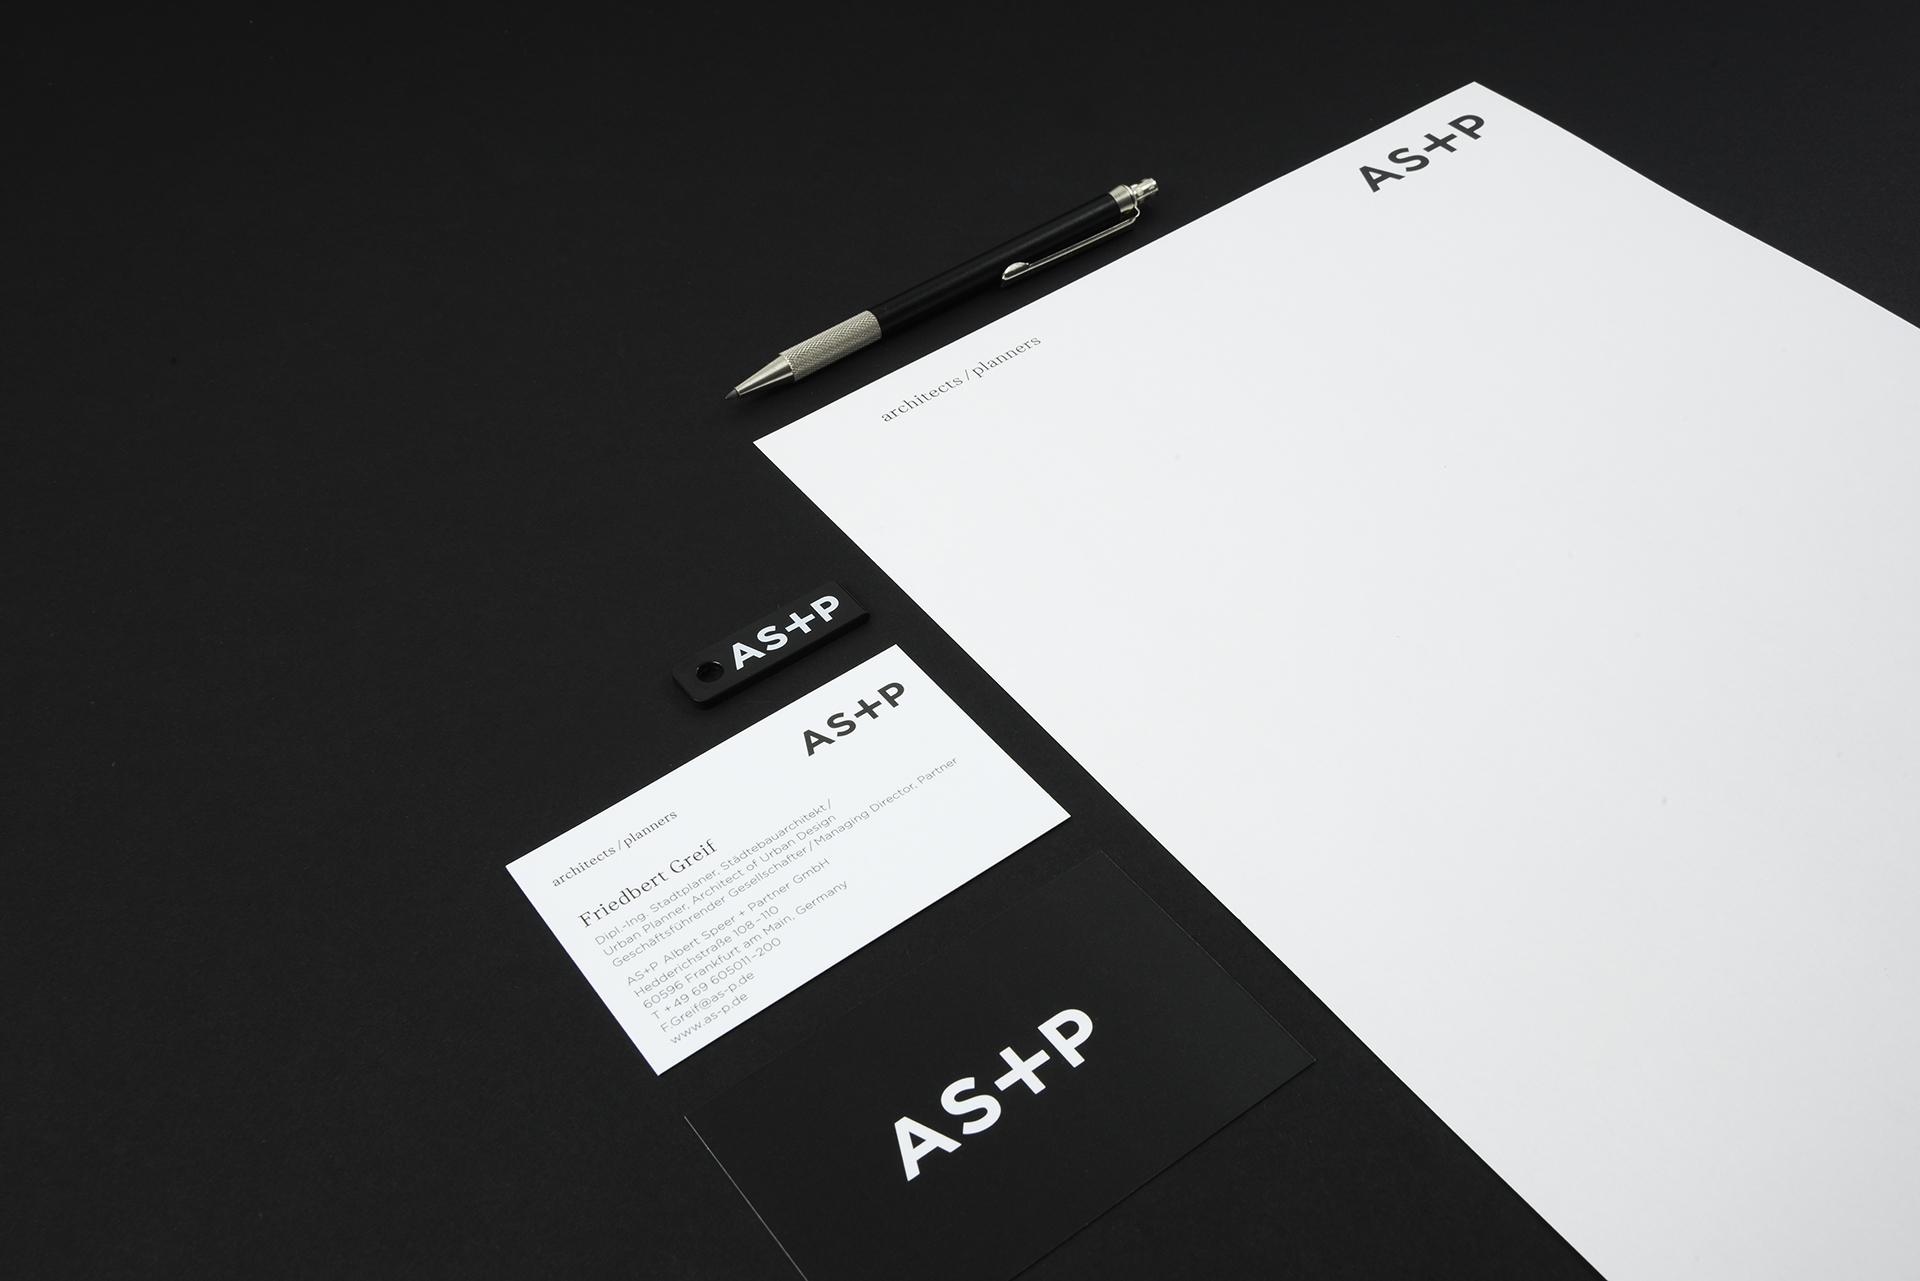 quandel-staudt-design-asp_logo_04